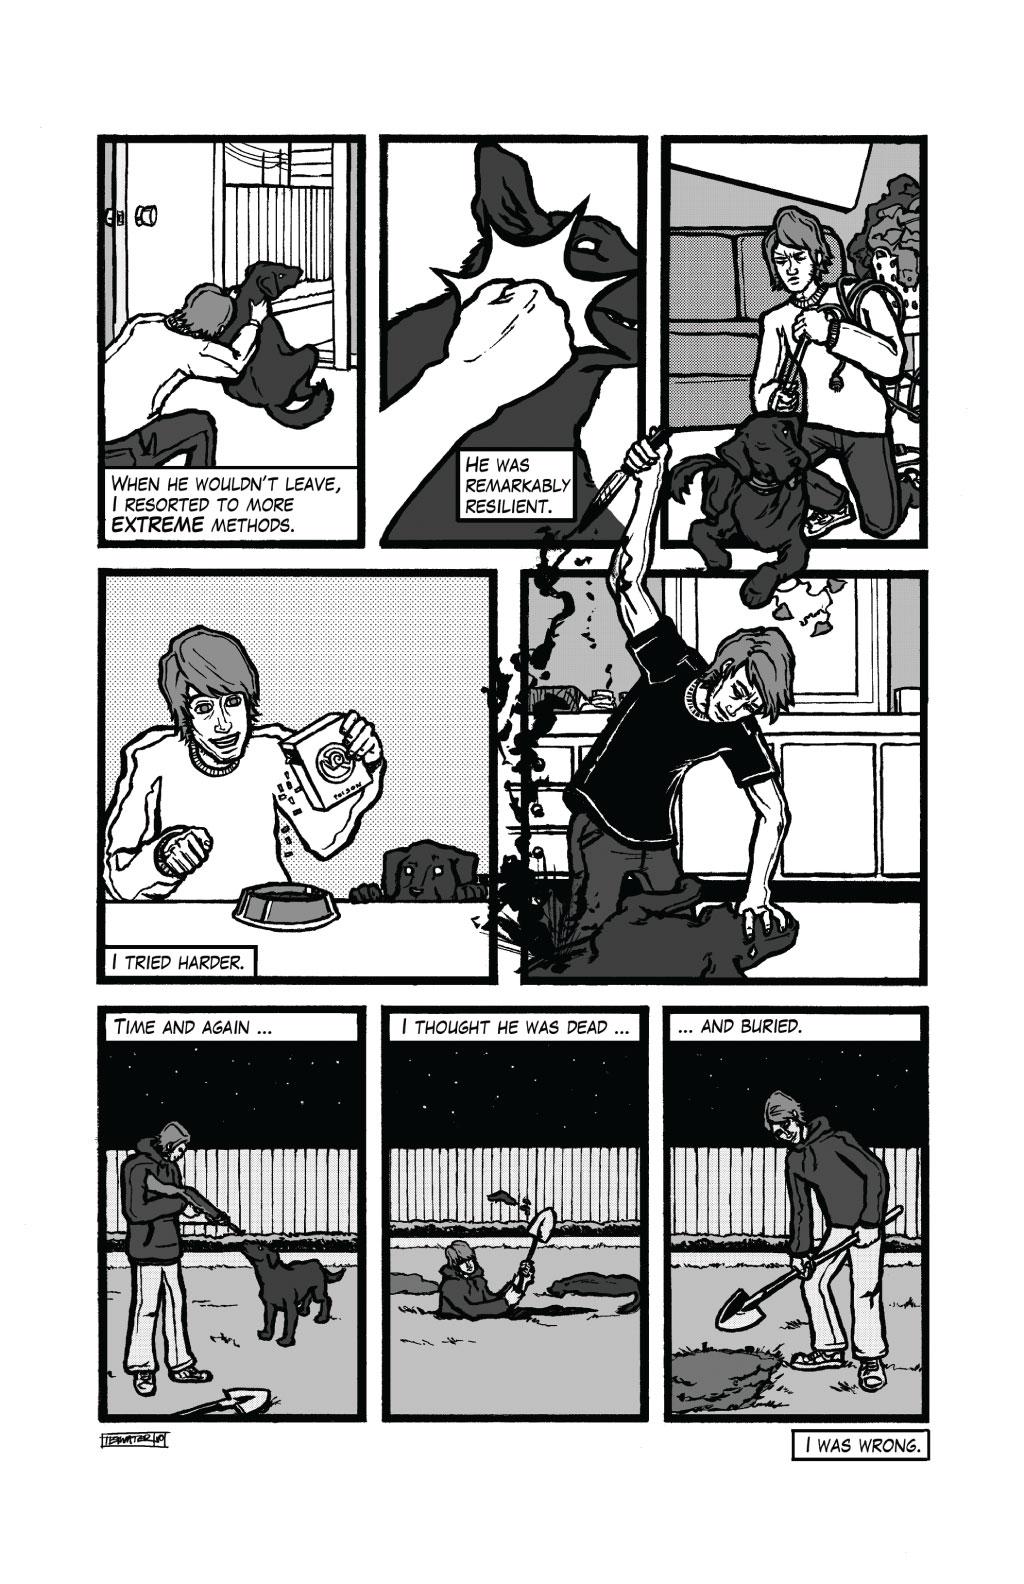 The-black-dog-must-die-3